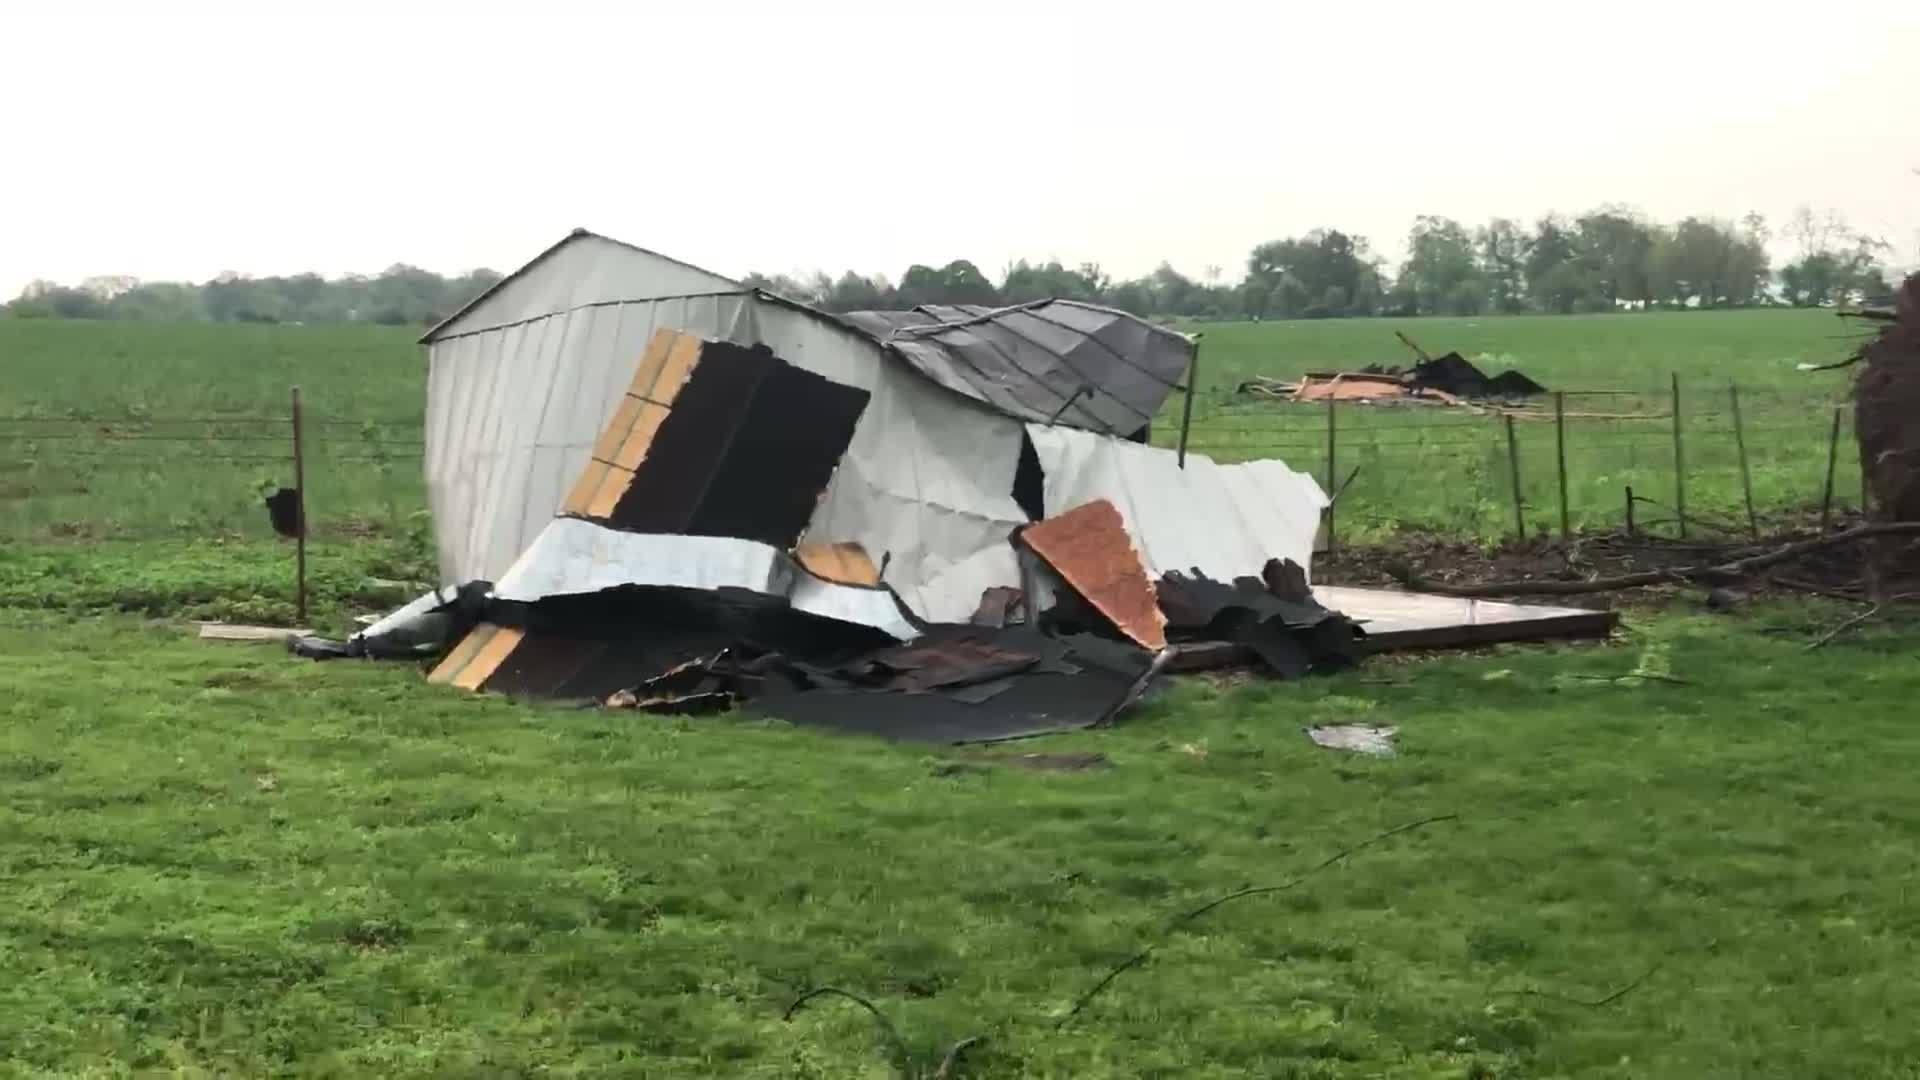 Wheaton_Tornado_Damage_6_20190501014608